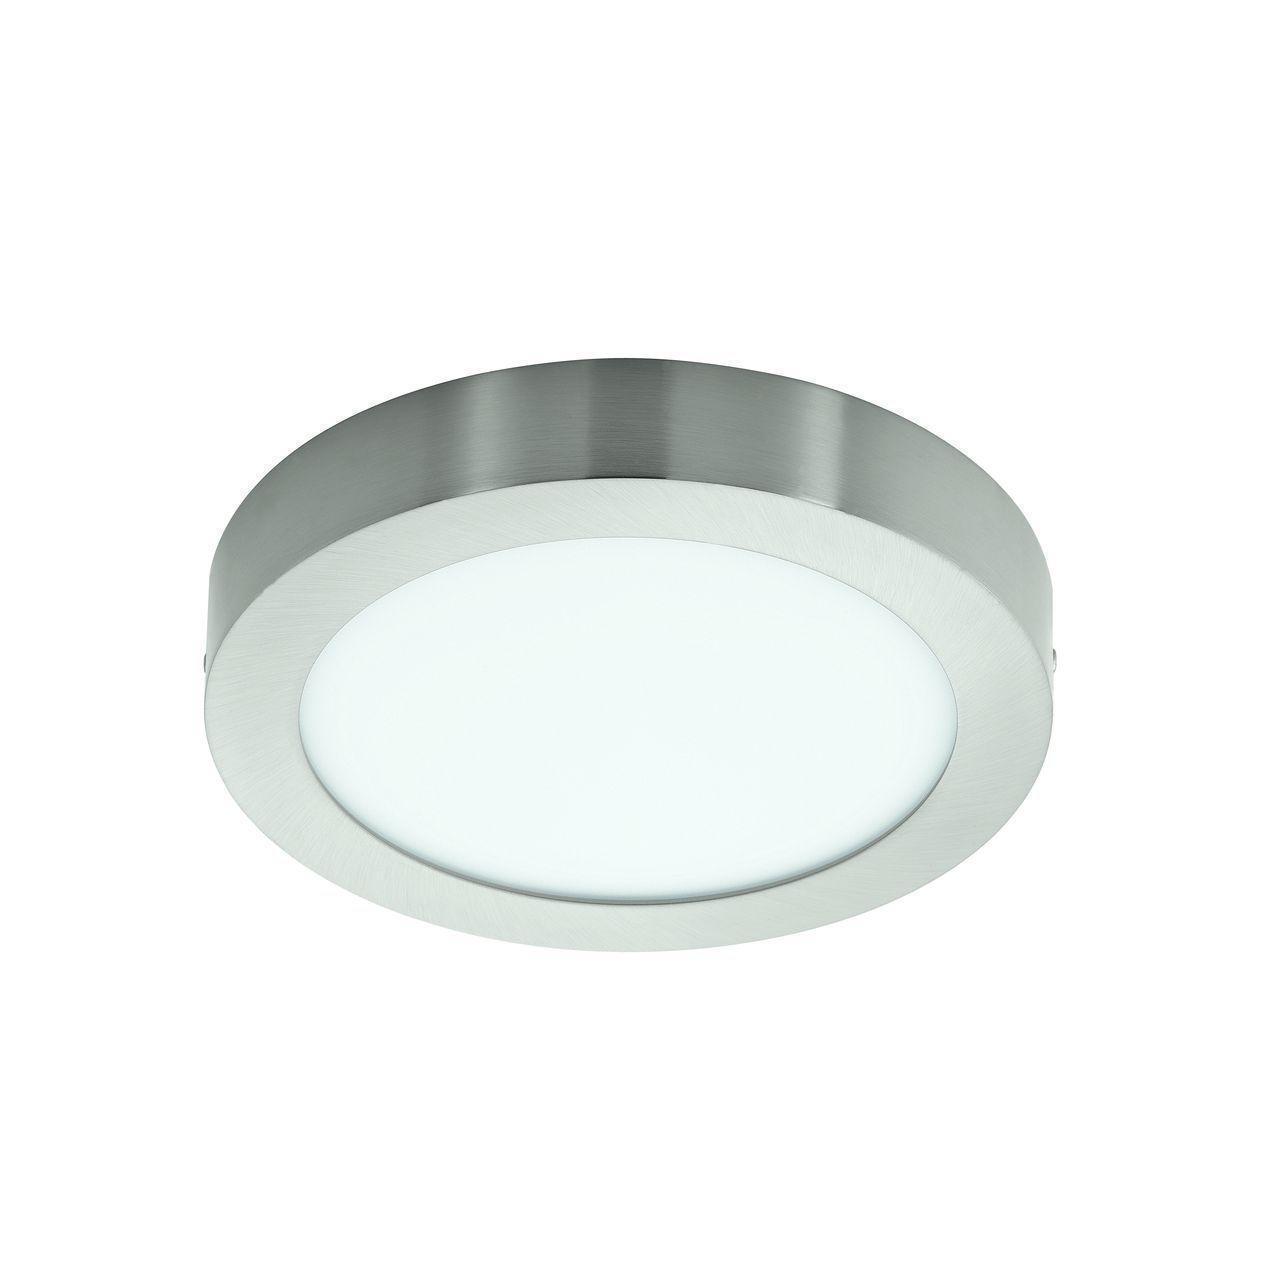 Потолочный светильник Eglo Fueva 1 94527 eglo fueva 1 94527